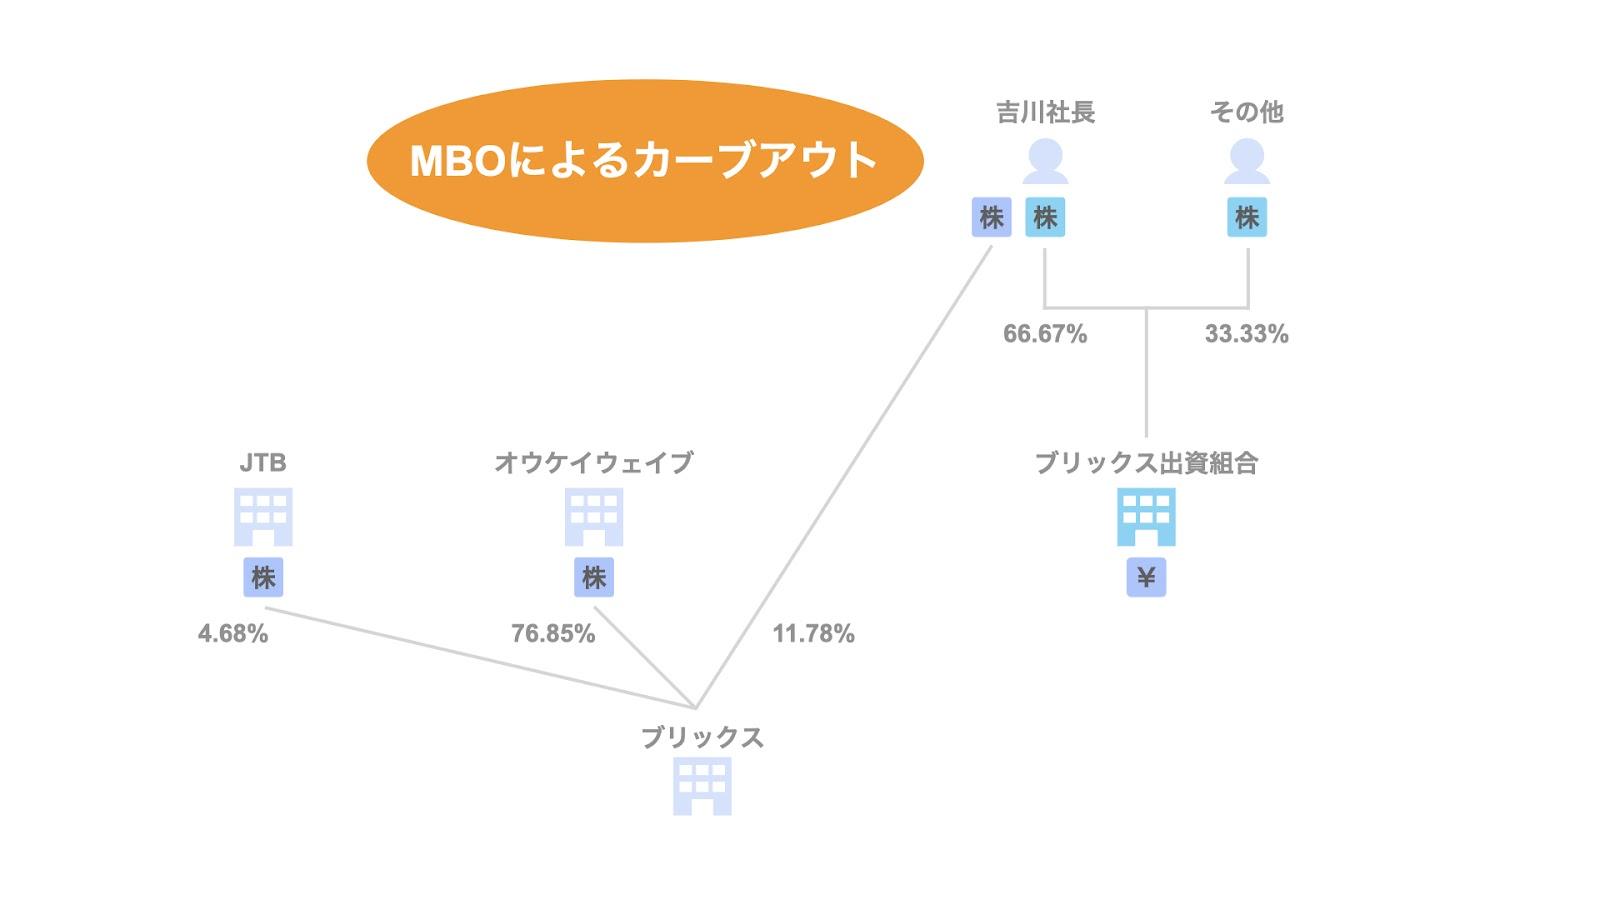 事例3. OKWAVE/MBOによるカーブアウト